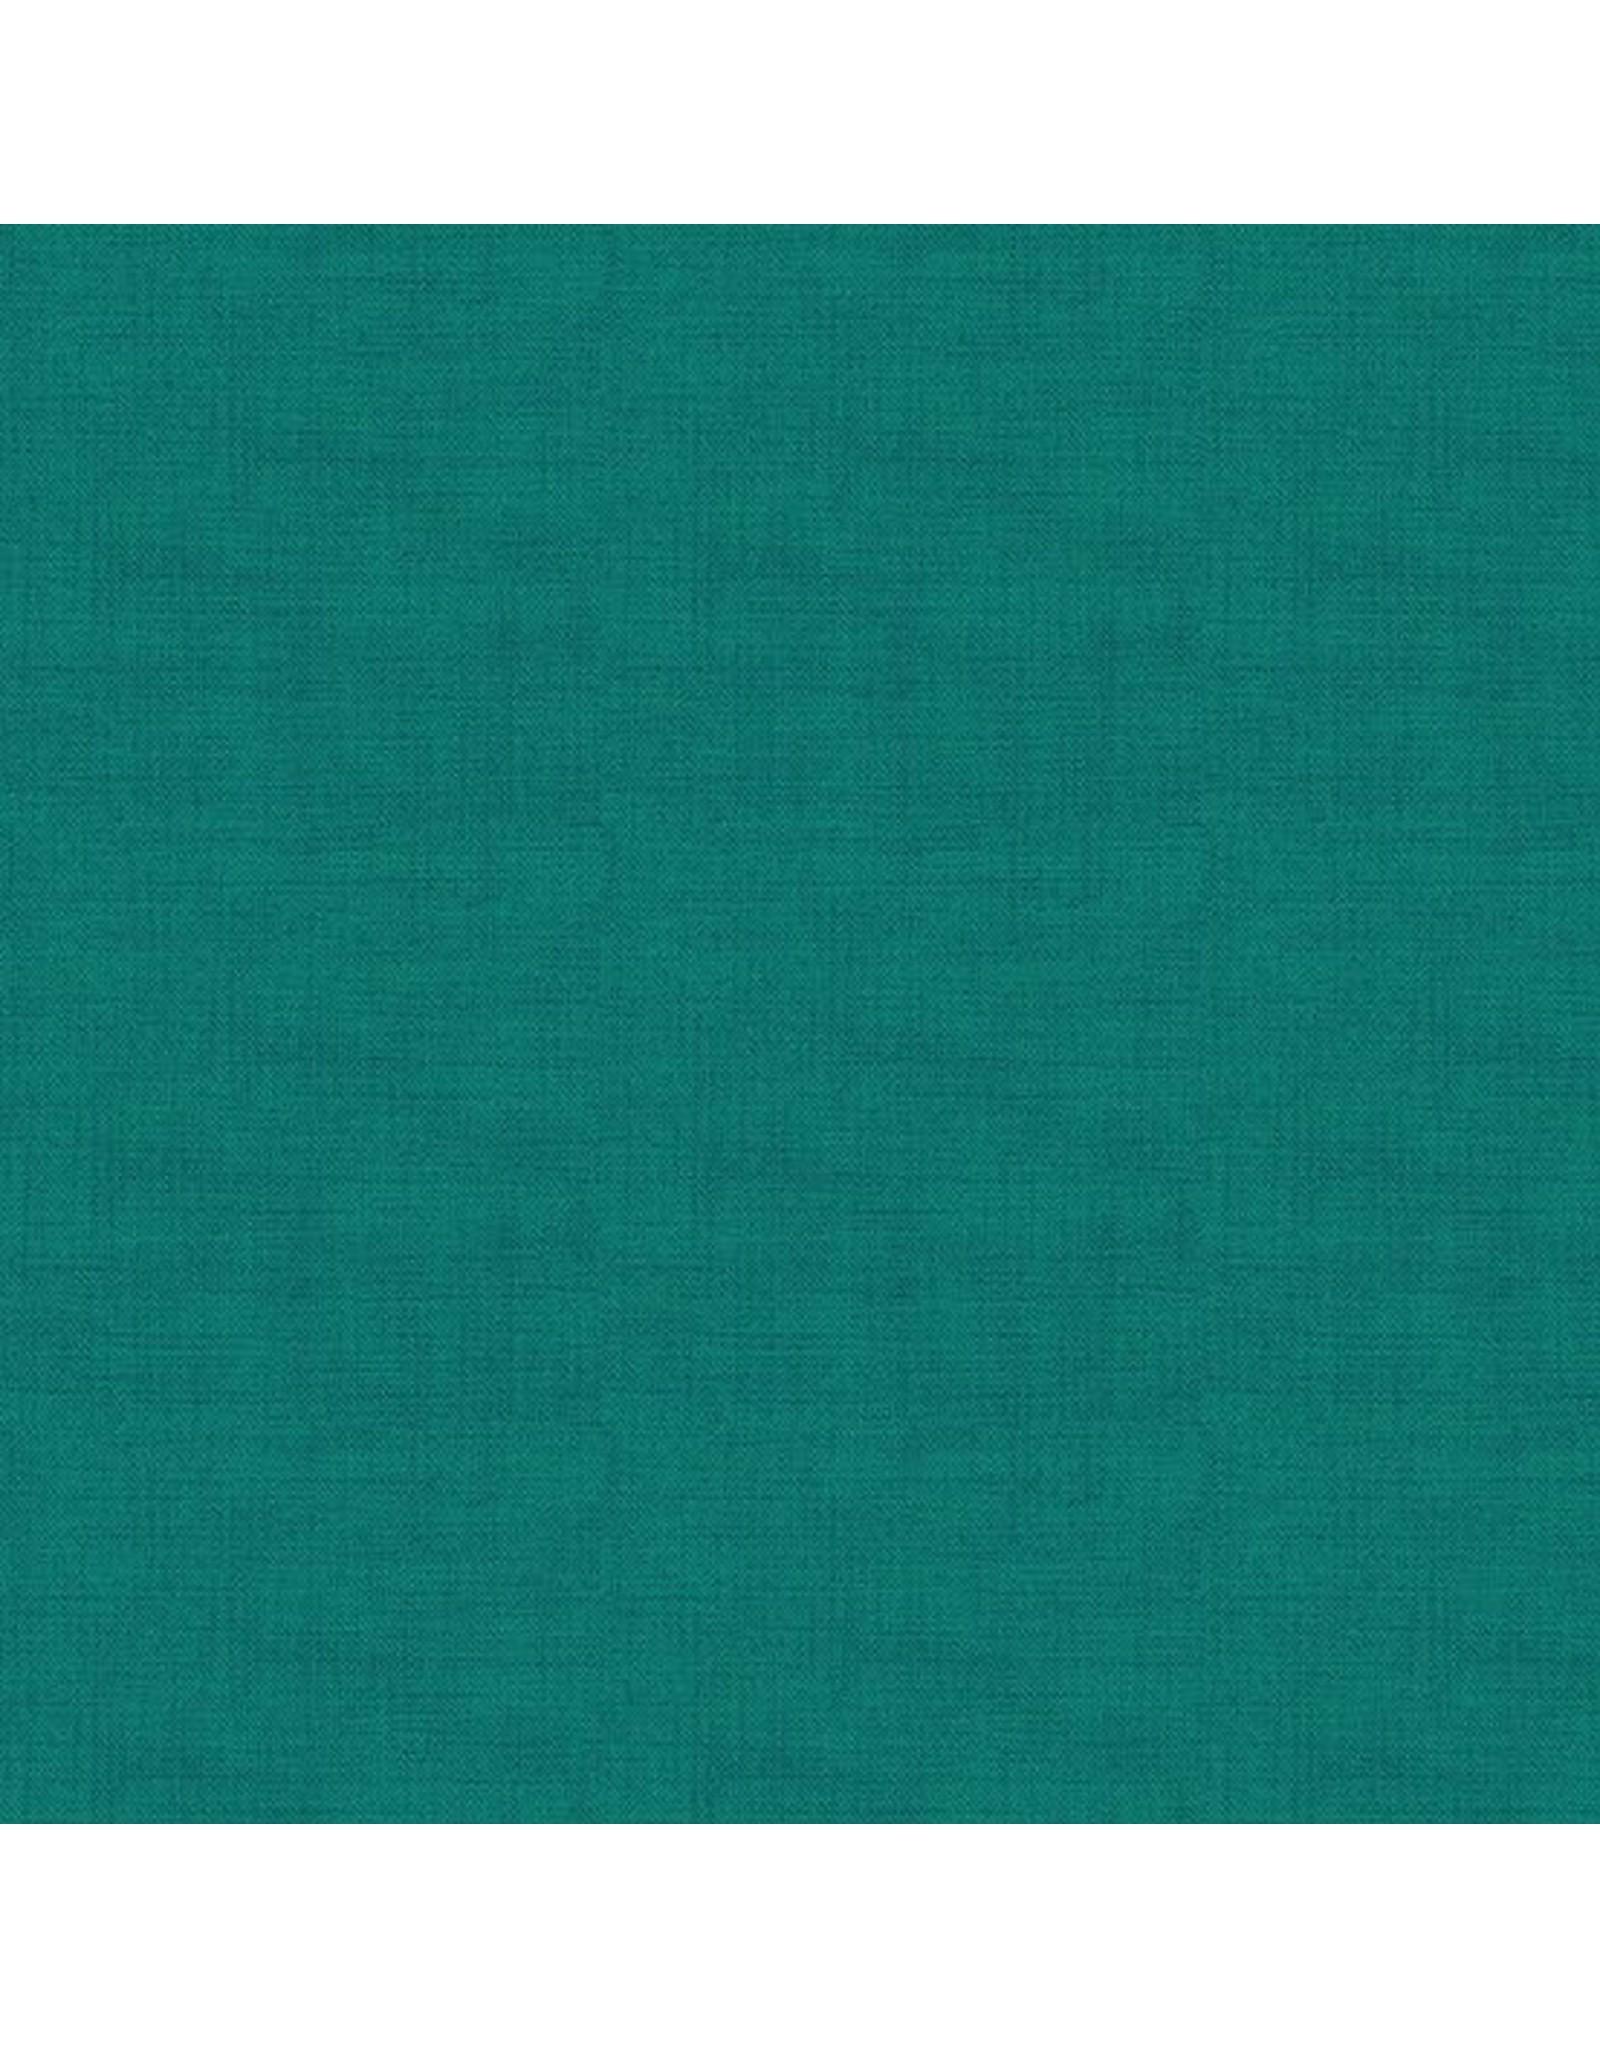 Makower UK Linen Texture - Teal